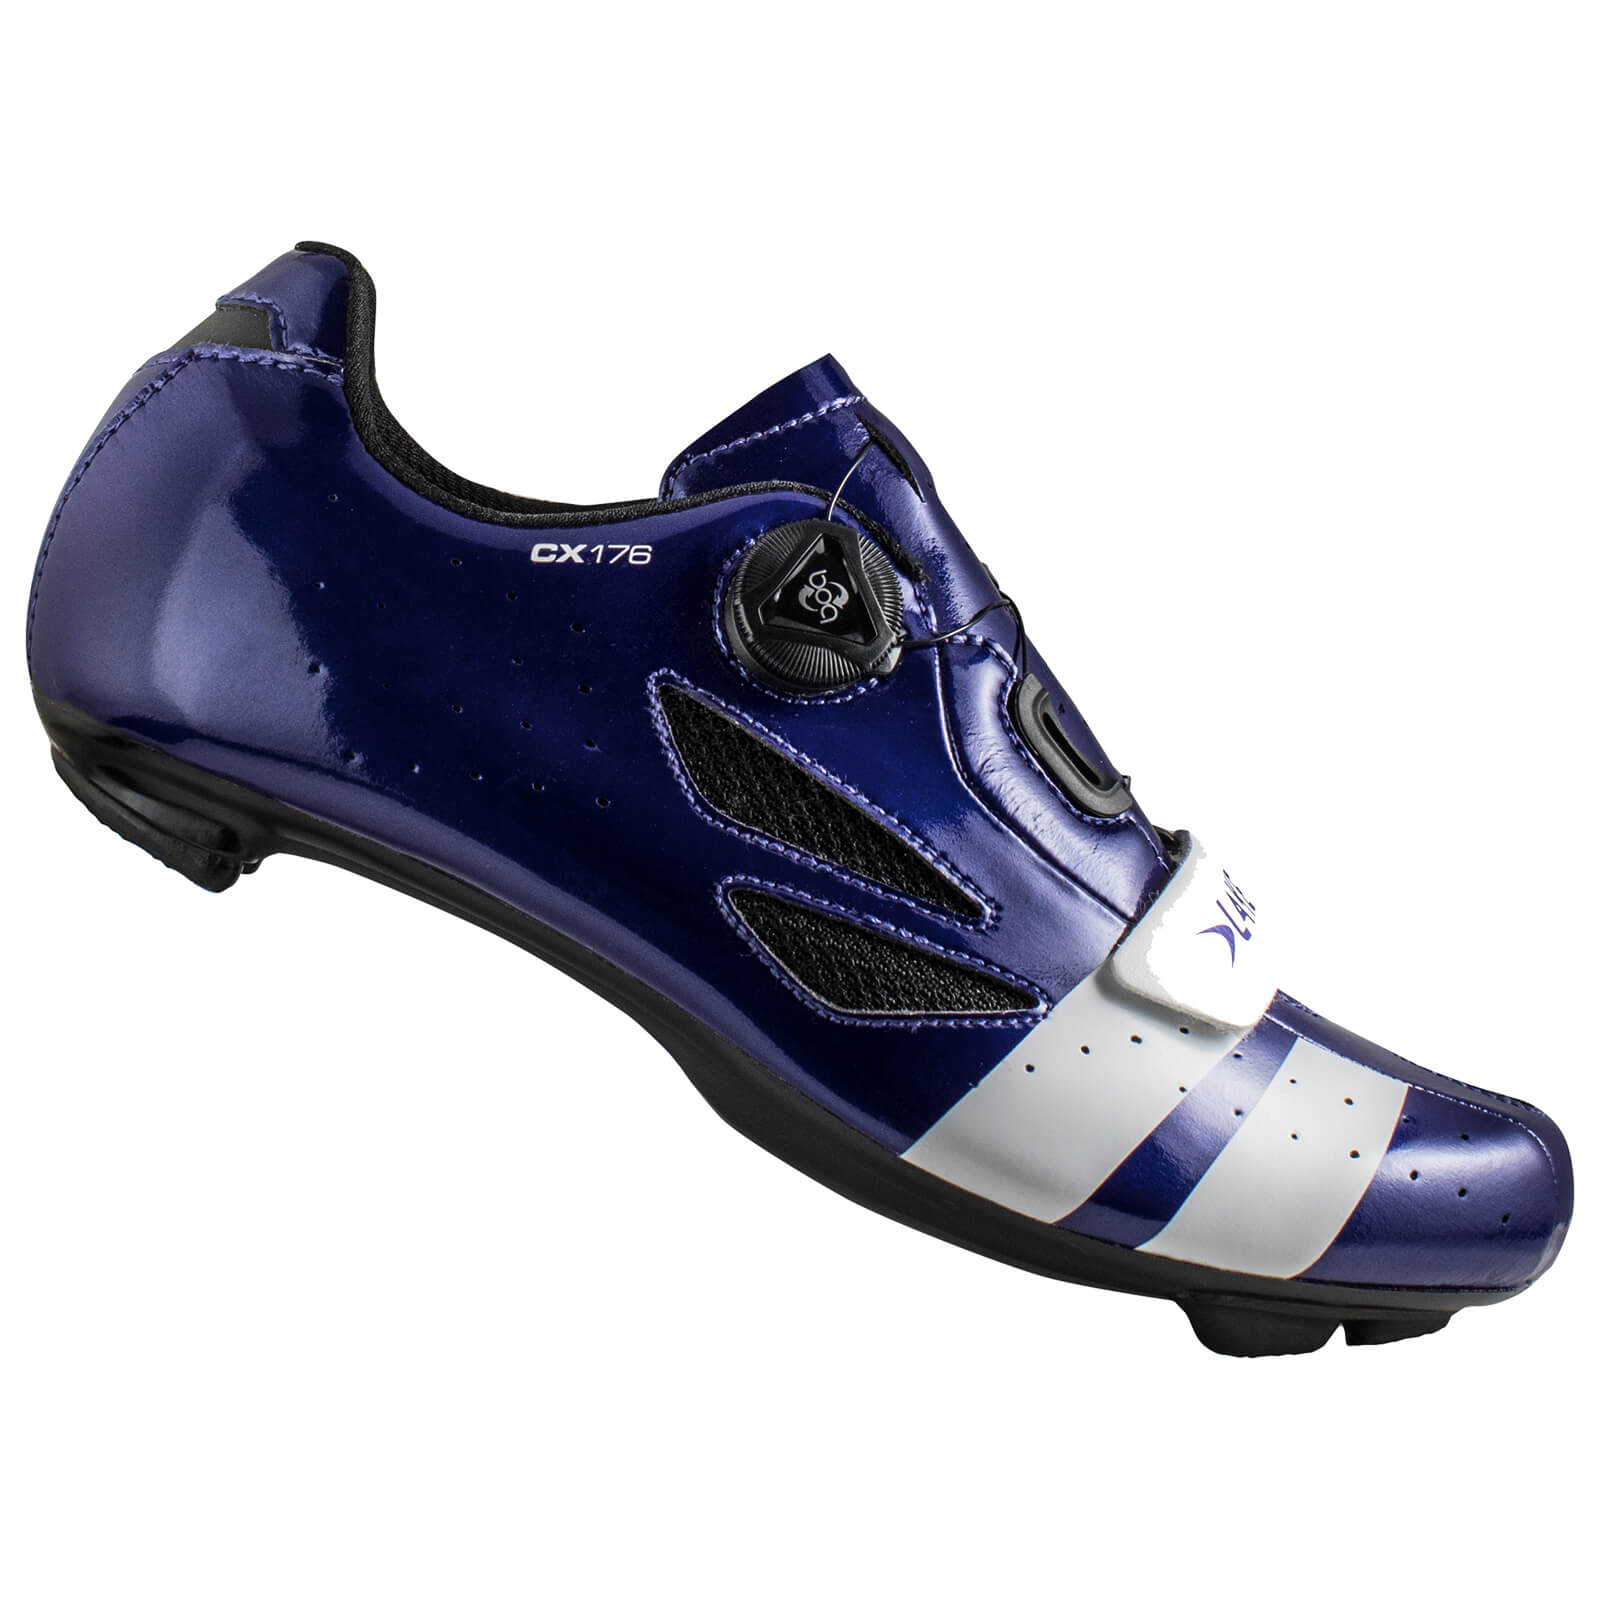 Lake CX176 Road Shoes - Navy Blue/White - EU 46